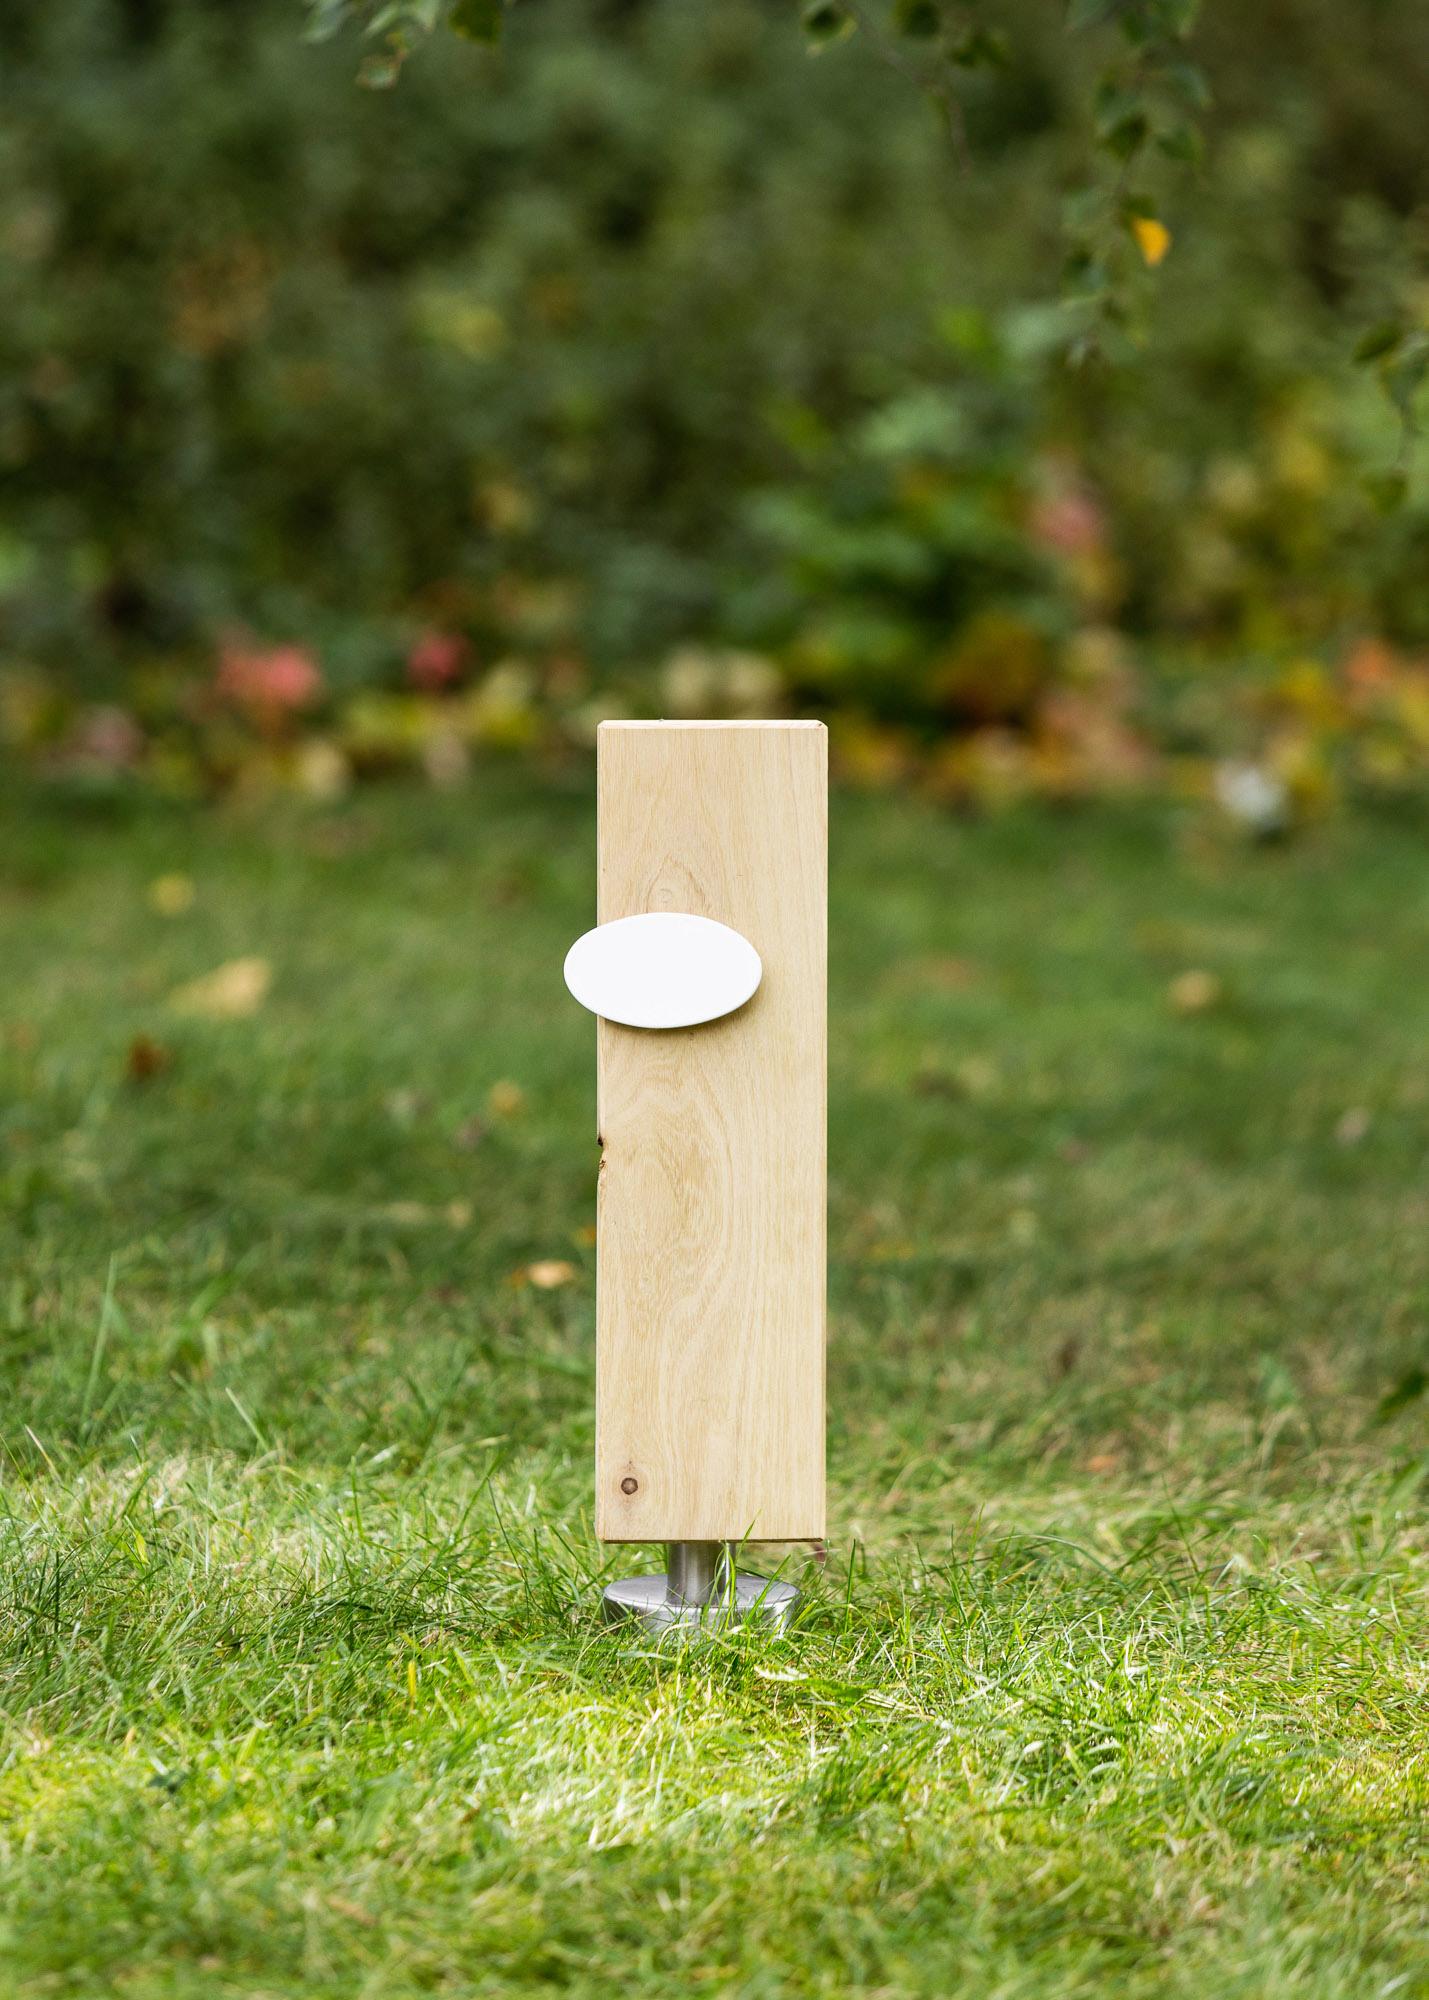 Holzstele als Alternative zum Grabstein mit ovalem Emailleschild für Einzelgraeber